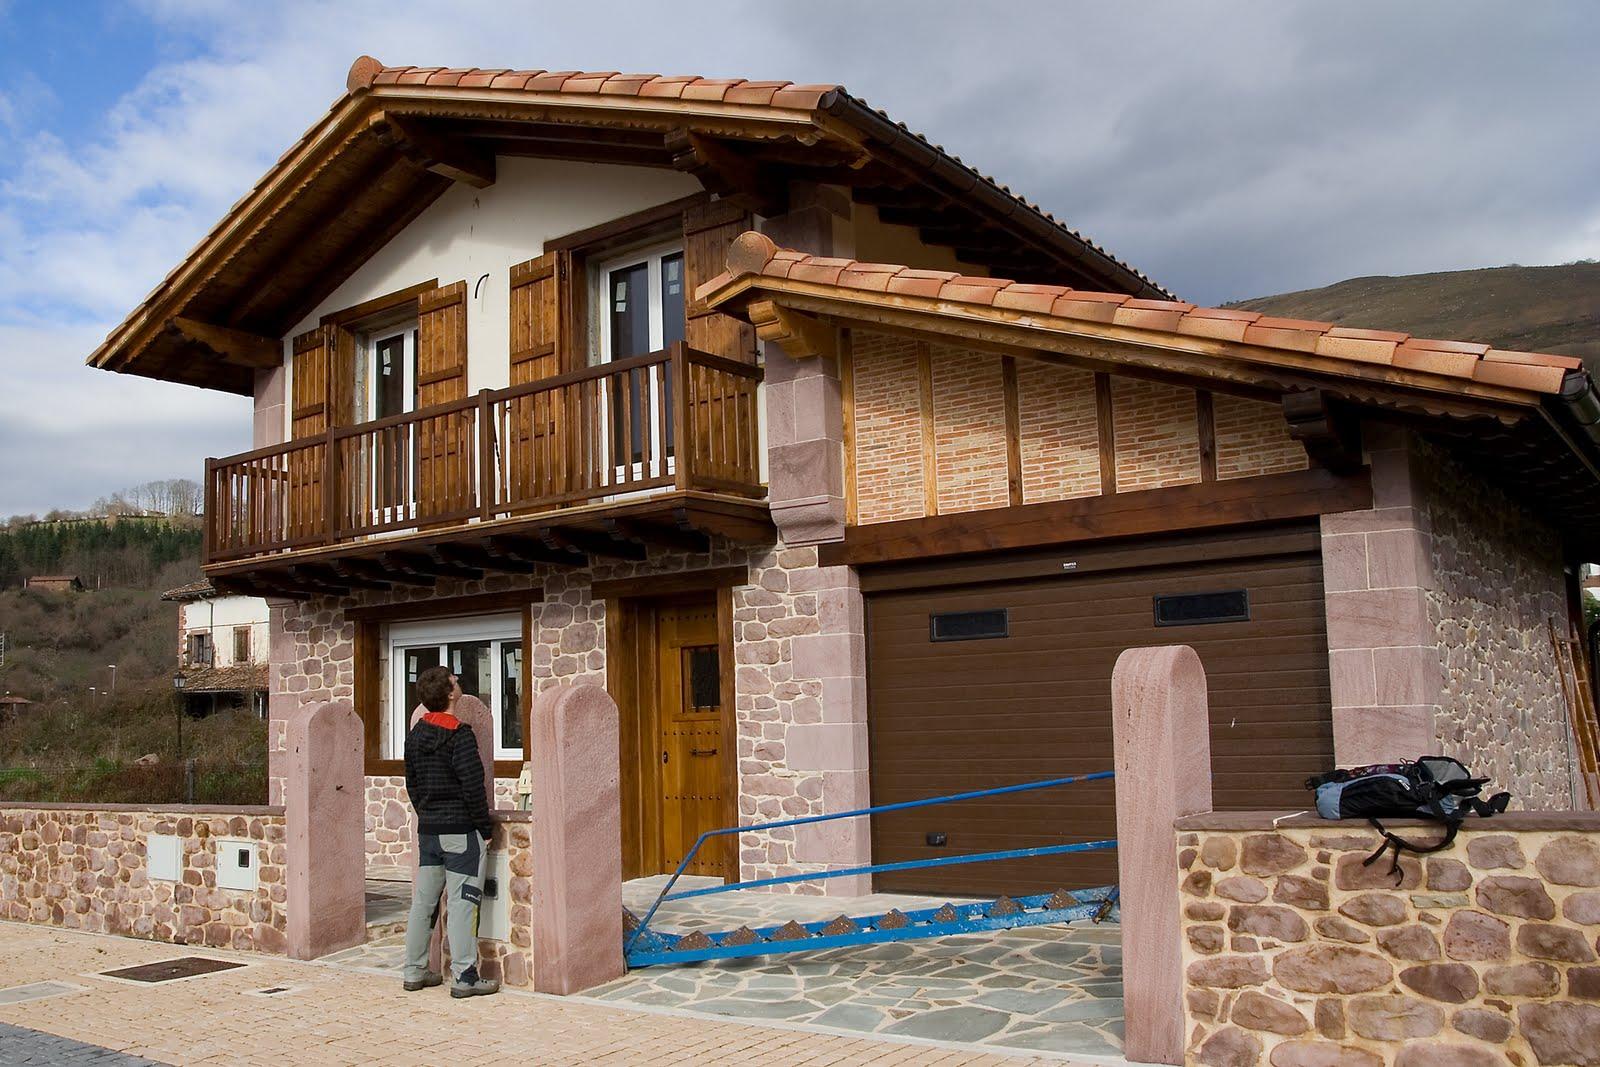 Imagenes de casas bonitas por dentro y por fuera share - Casas bonitas por dentro ...